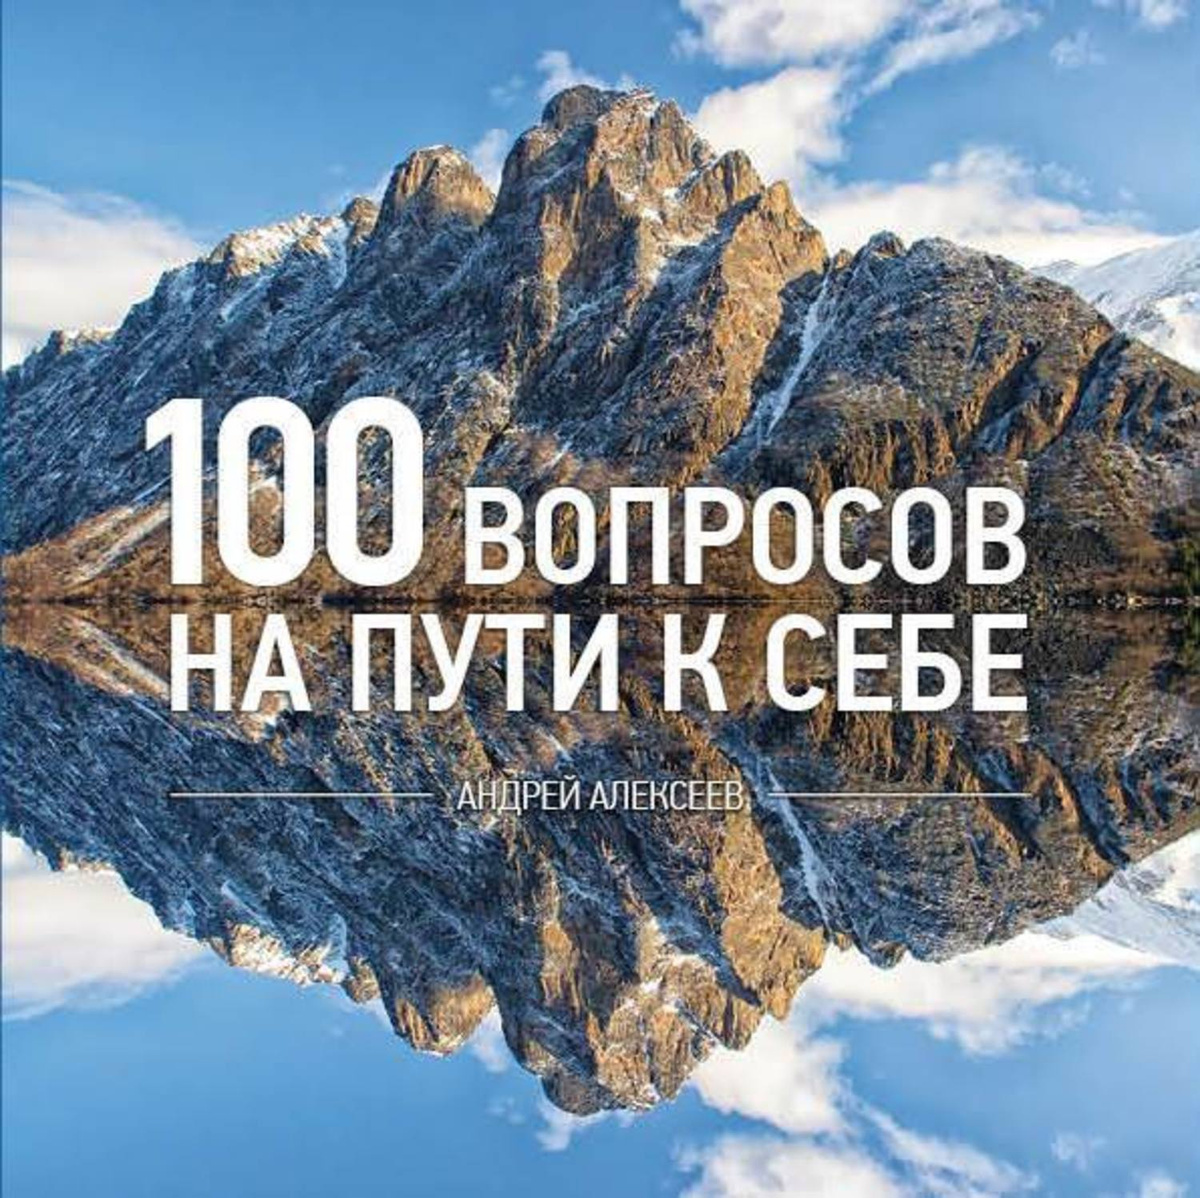 100 вопросов | Алексеев Андрей #1